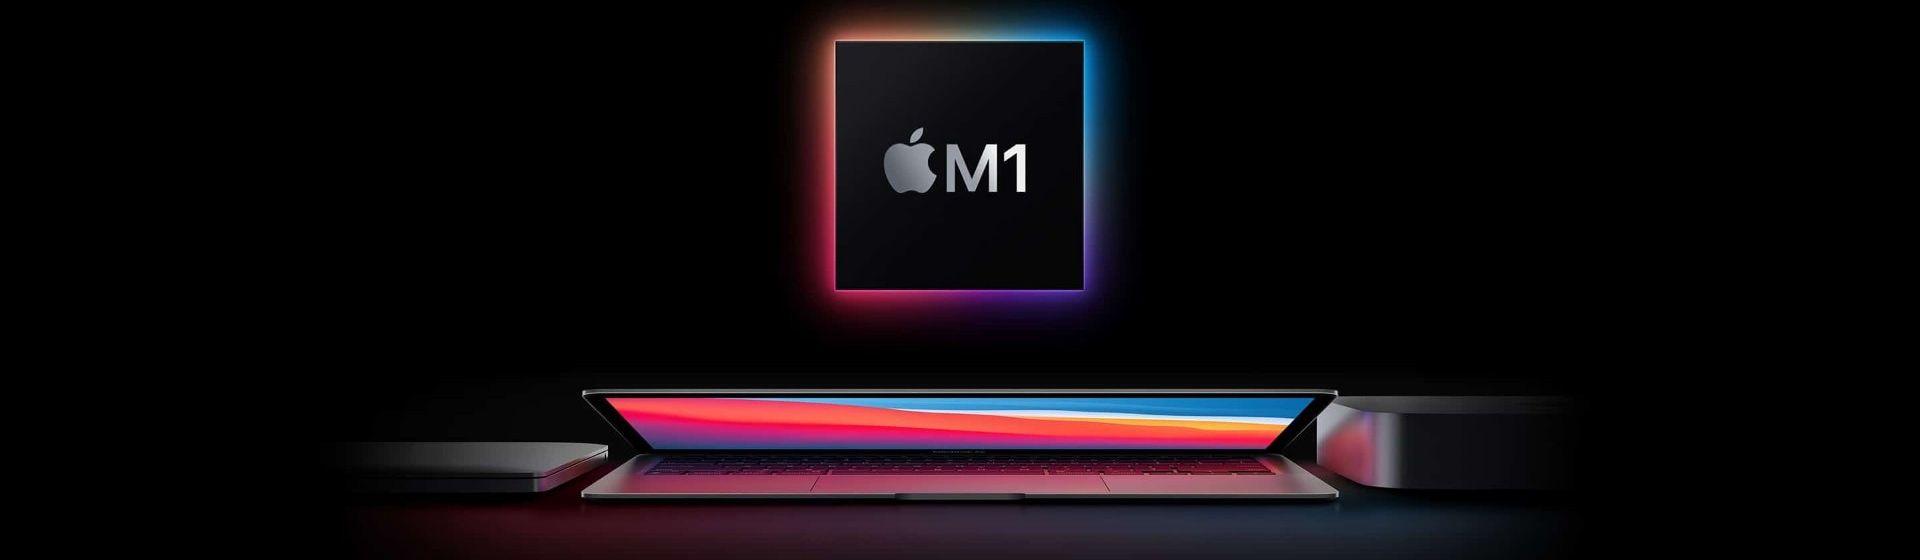 Chip Apple M1 supera placa de vídeo GTX 1050 Ti em gráficos